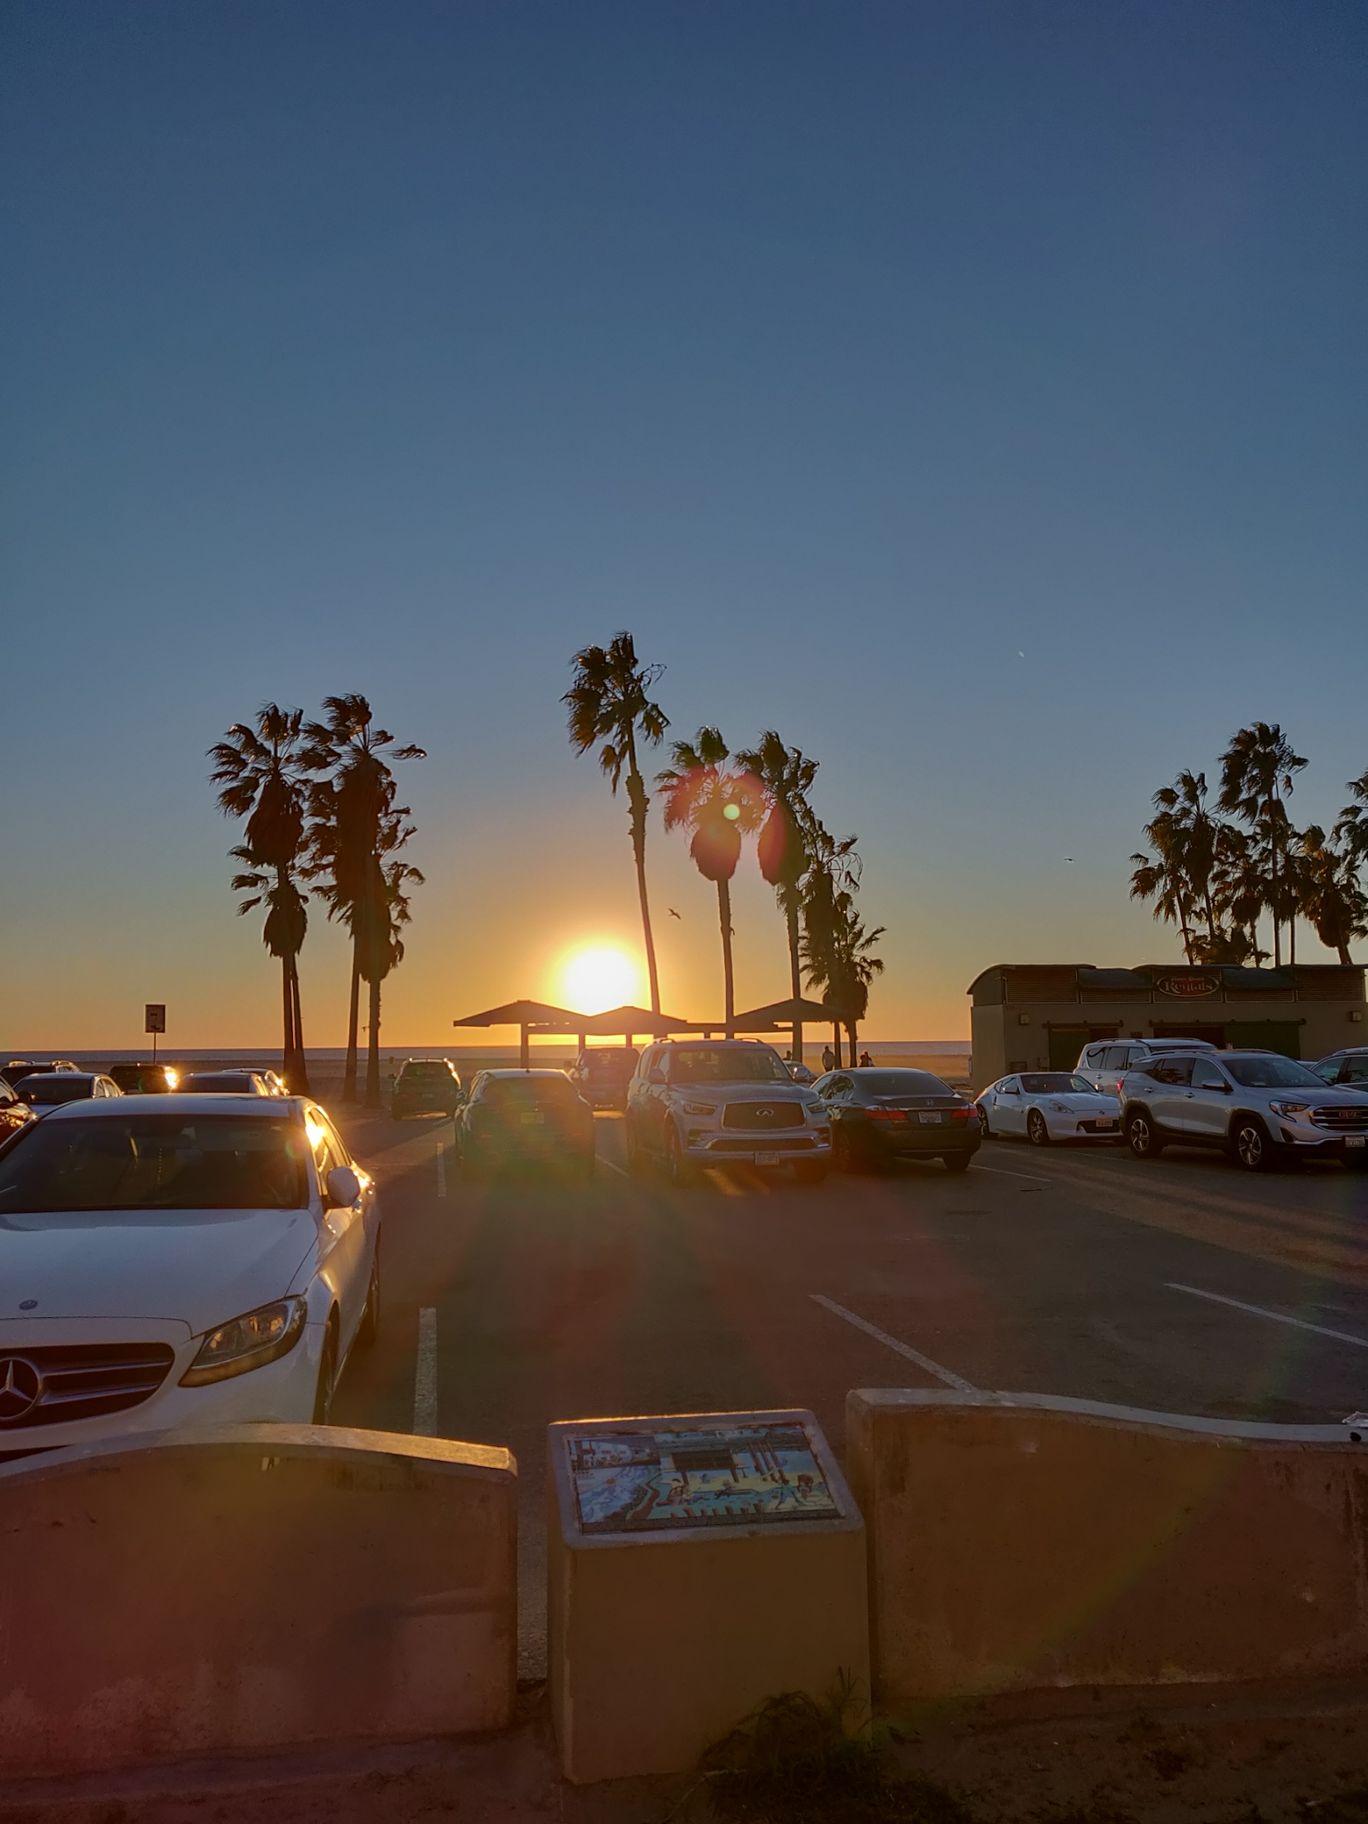 Photo of Los Angeles By Prihaa Avtar